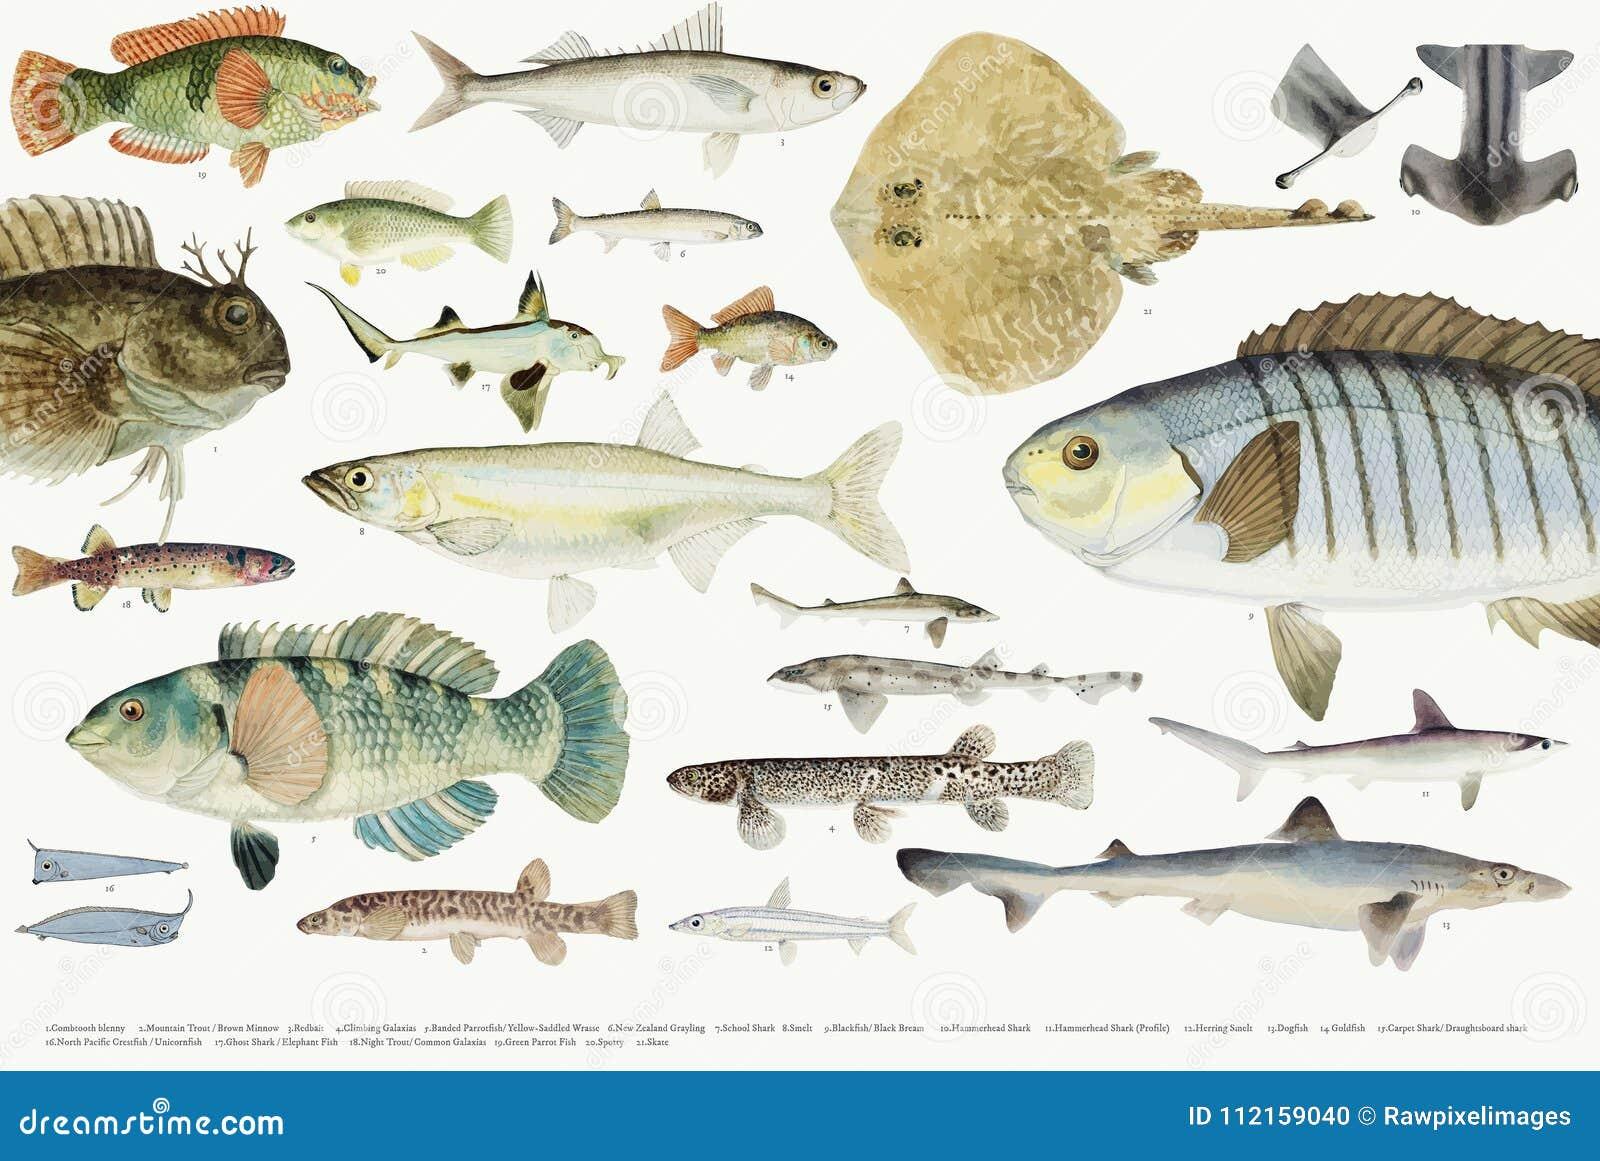 Illustrazione Colorata Della Raccolta Del Disegno Del Pesce